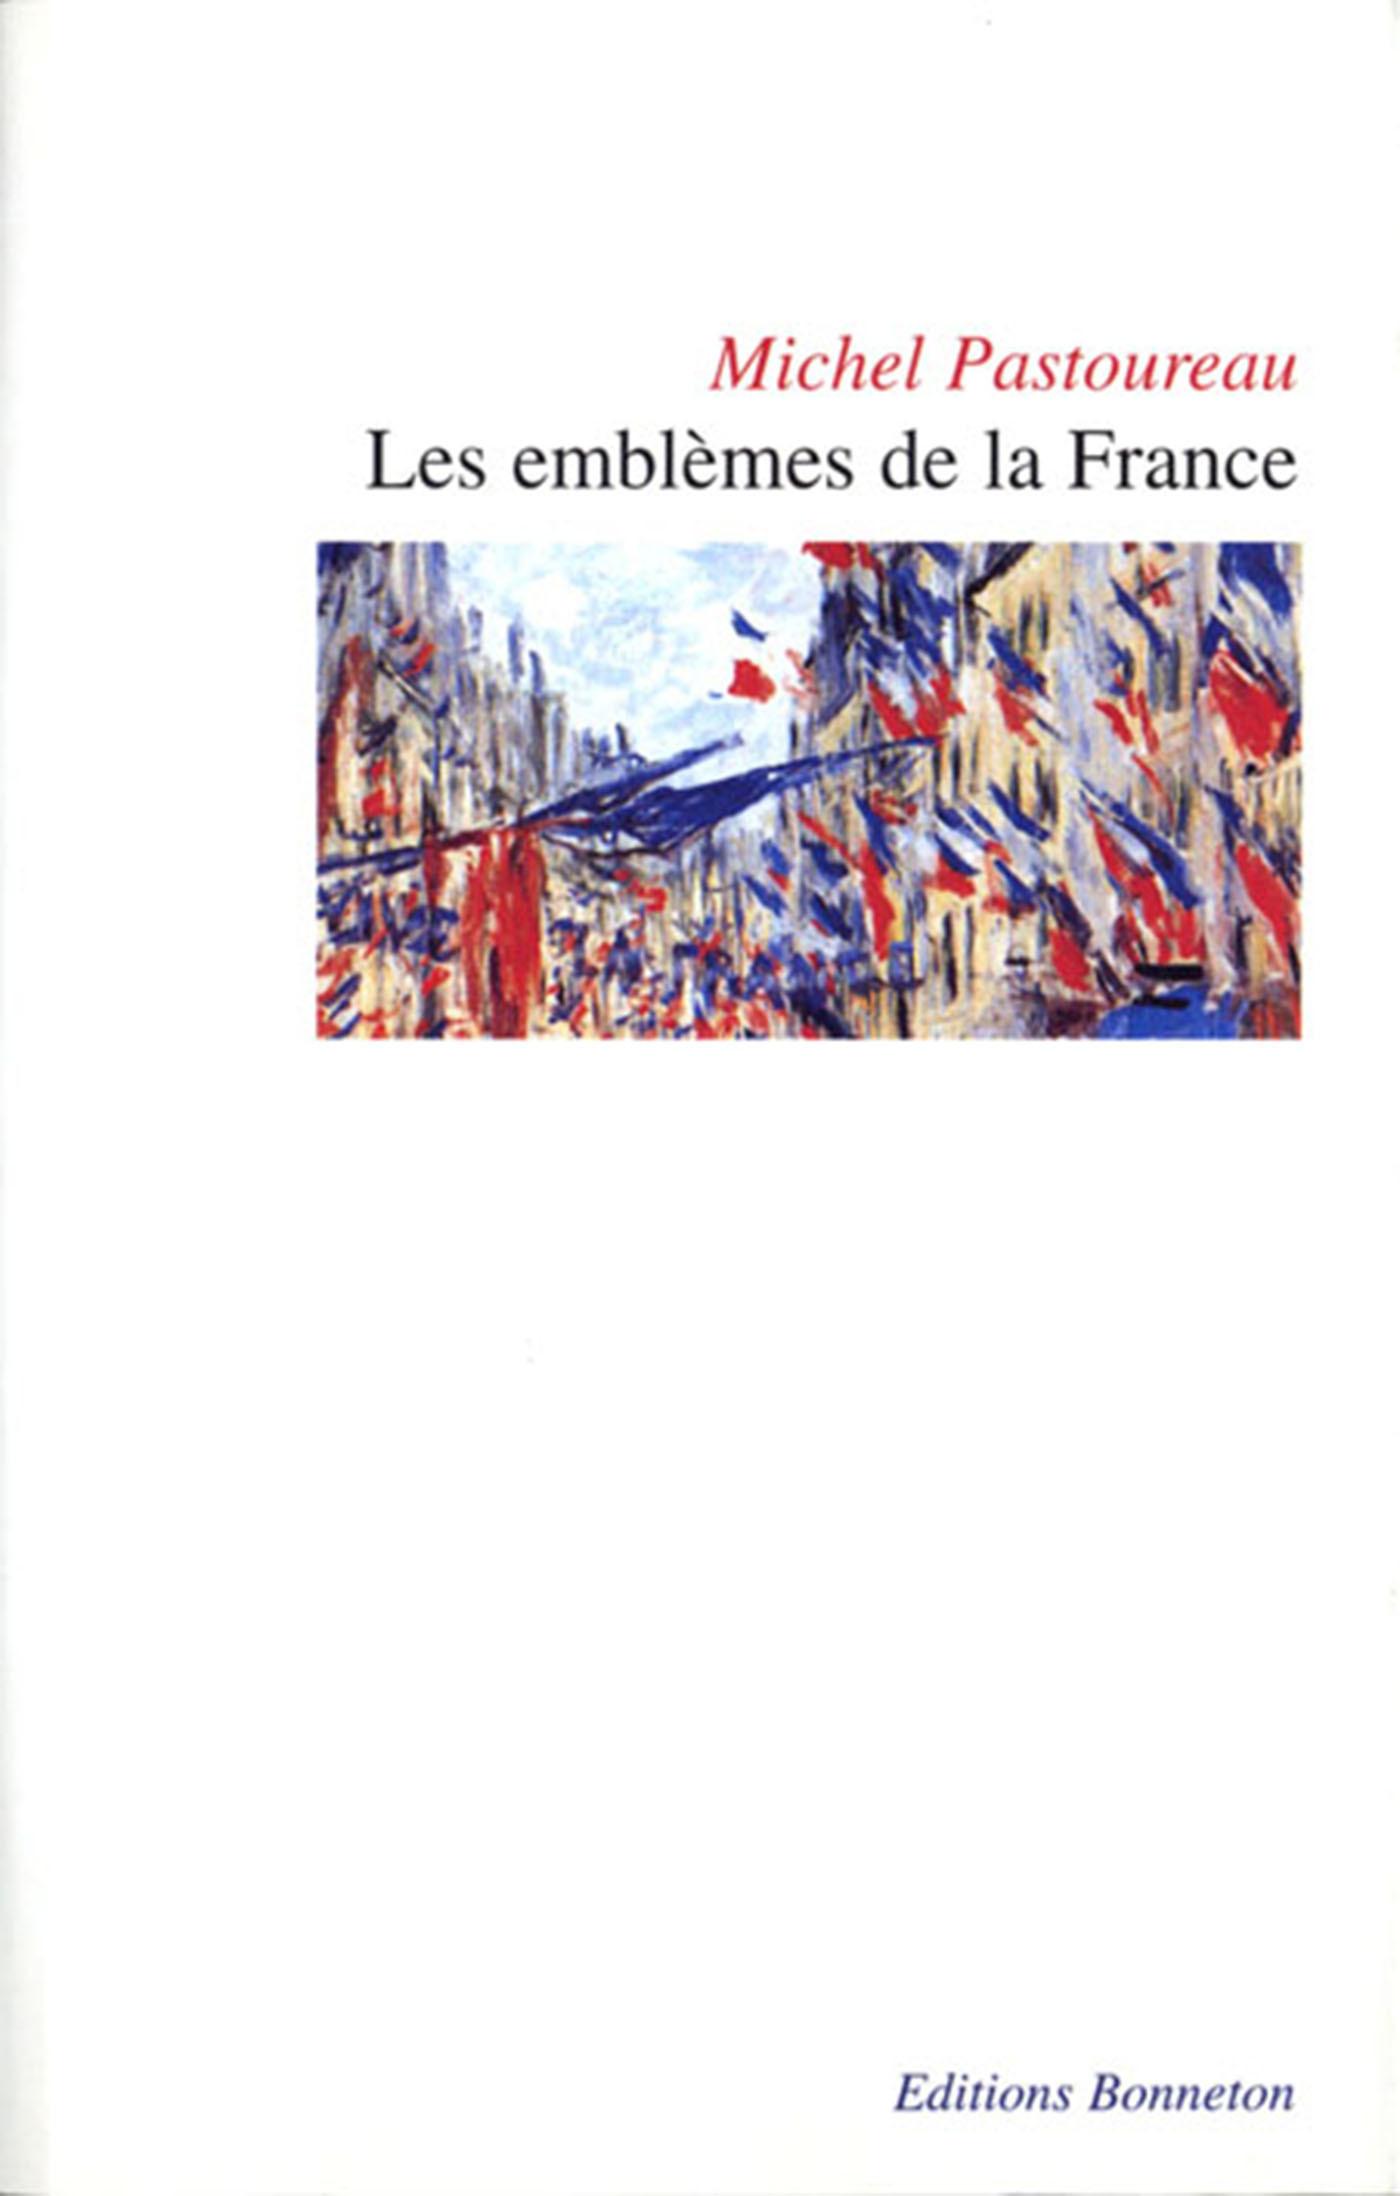 LES EMBLEMES DE LA FRANCE